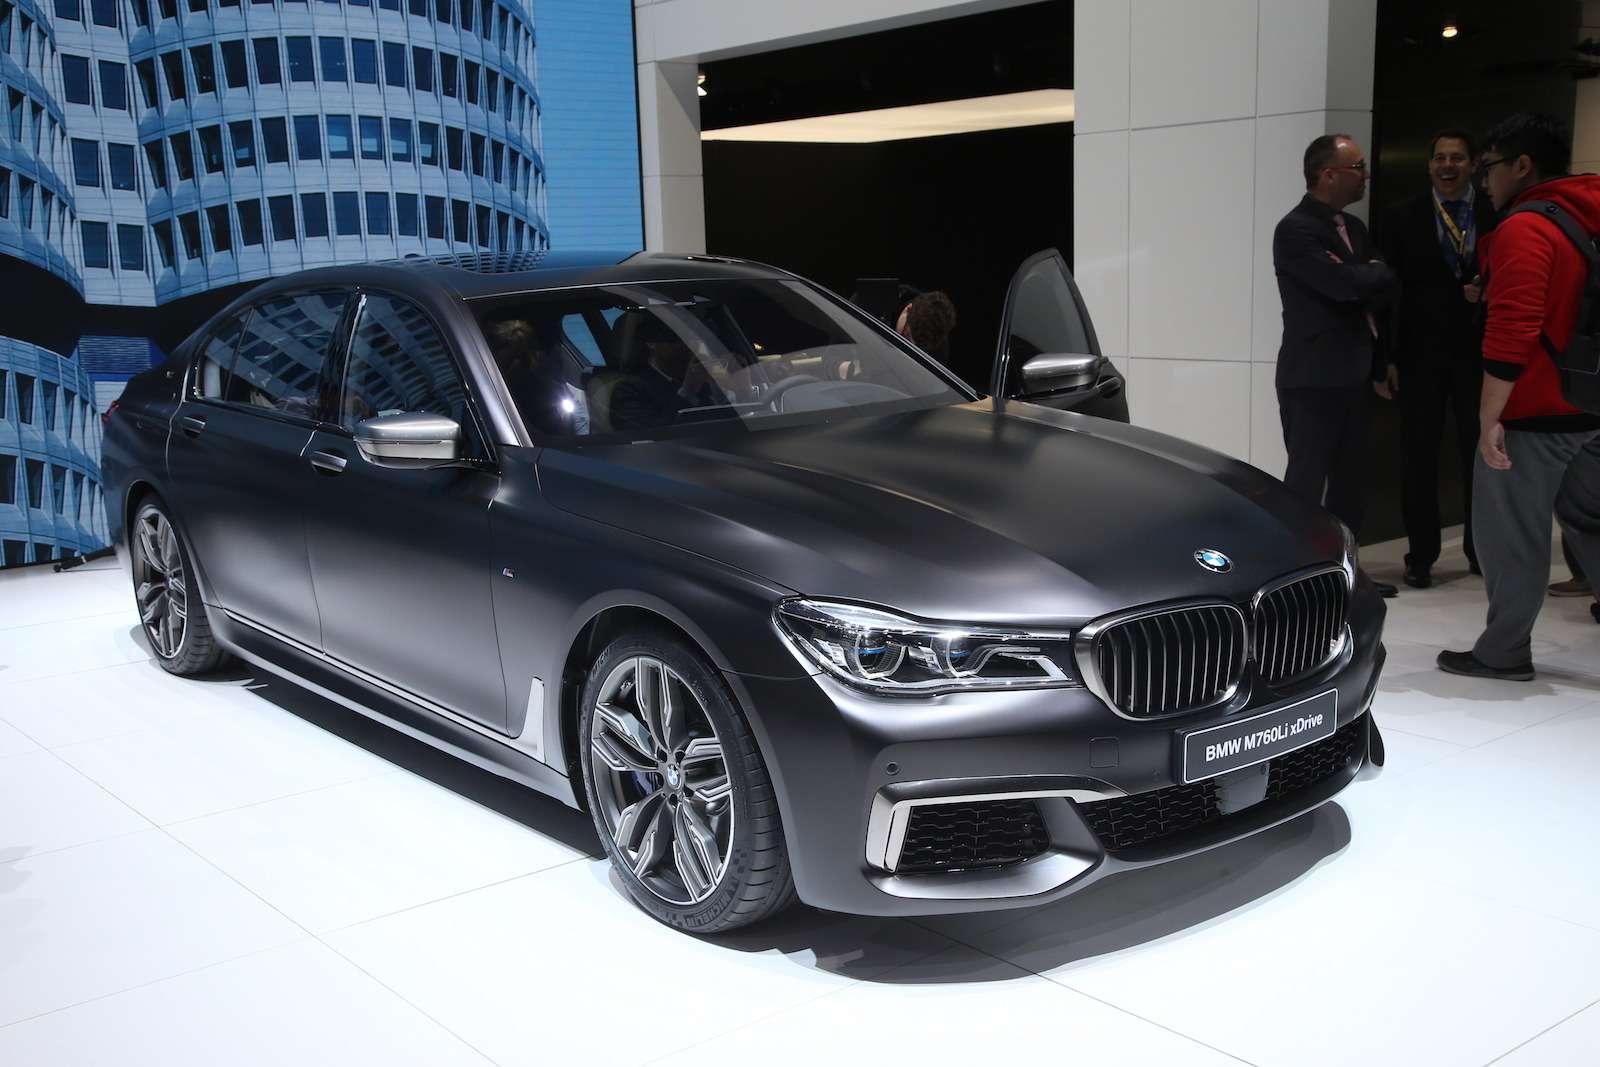 BMWM760